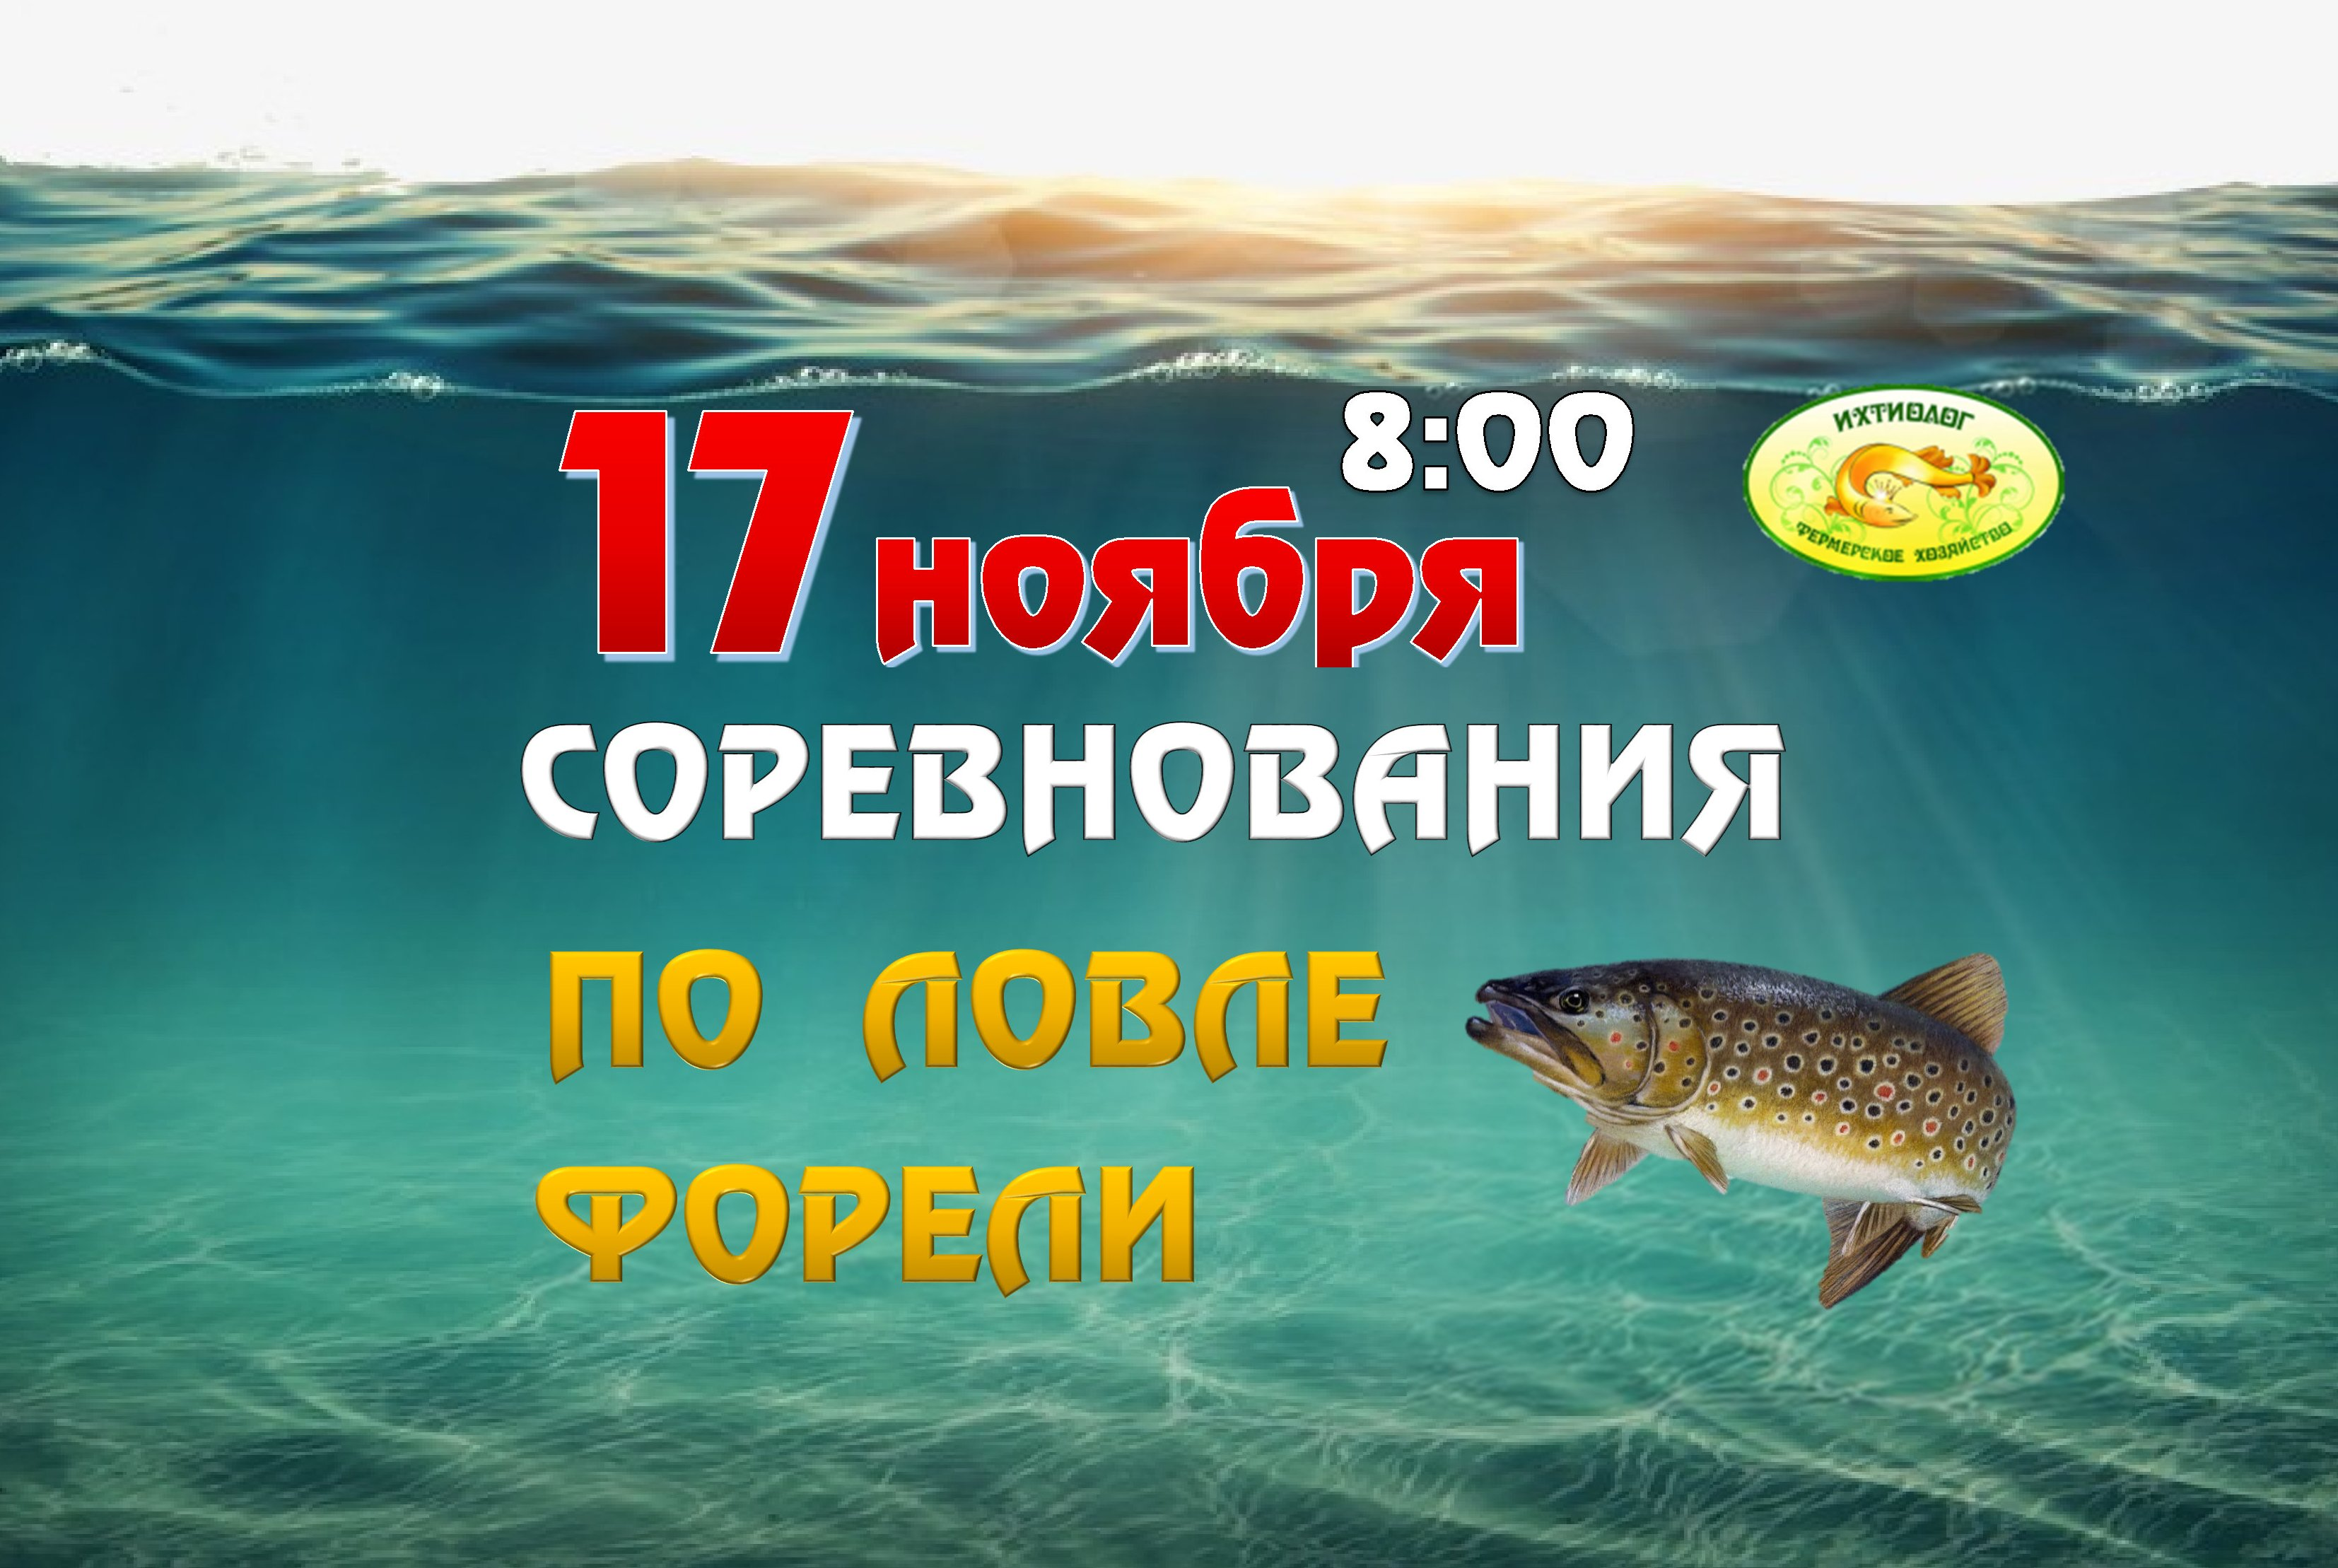 Соревнования по рыбной ловле форели в Подмосковье – Ихтиолог